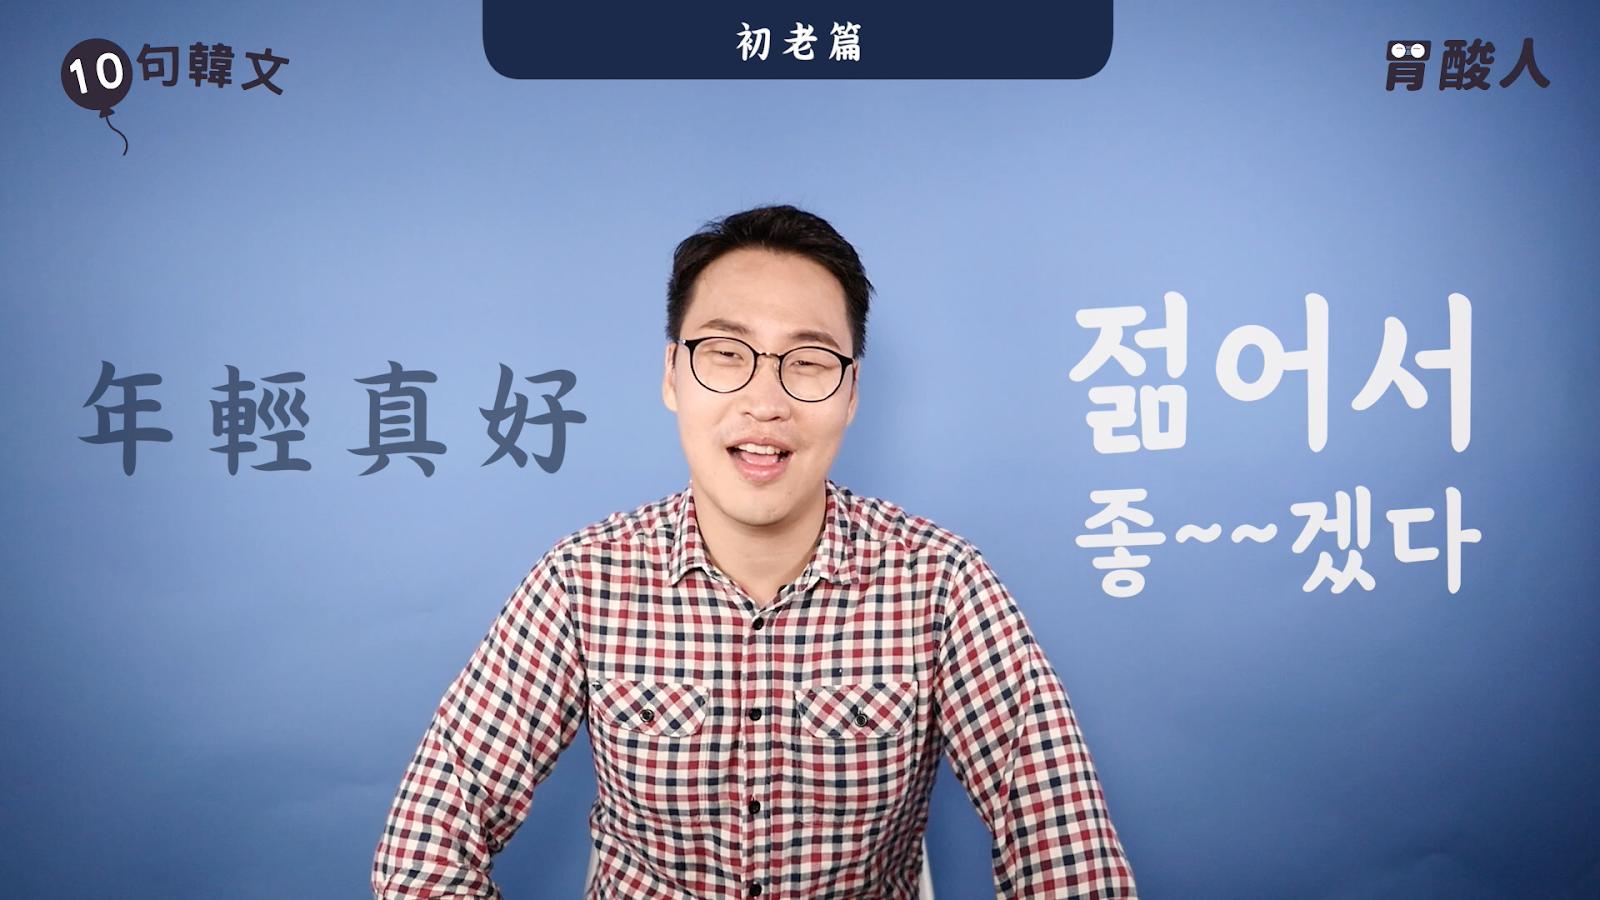 初老的人常講的十句話-胃酸人的10句韓文 【初老篇】 Jella! 韓文部落格